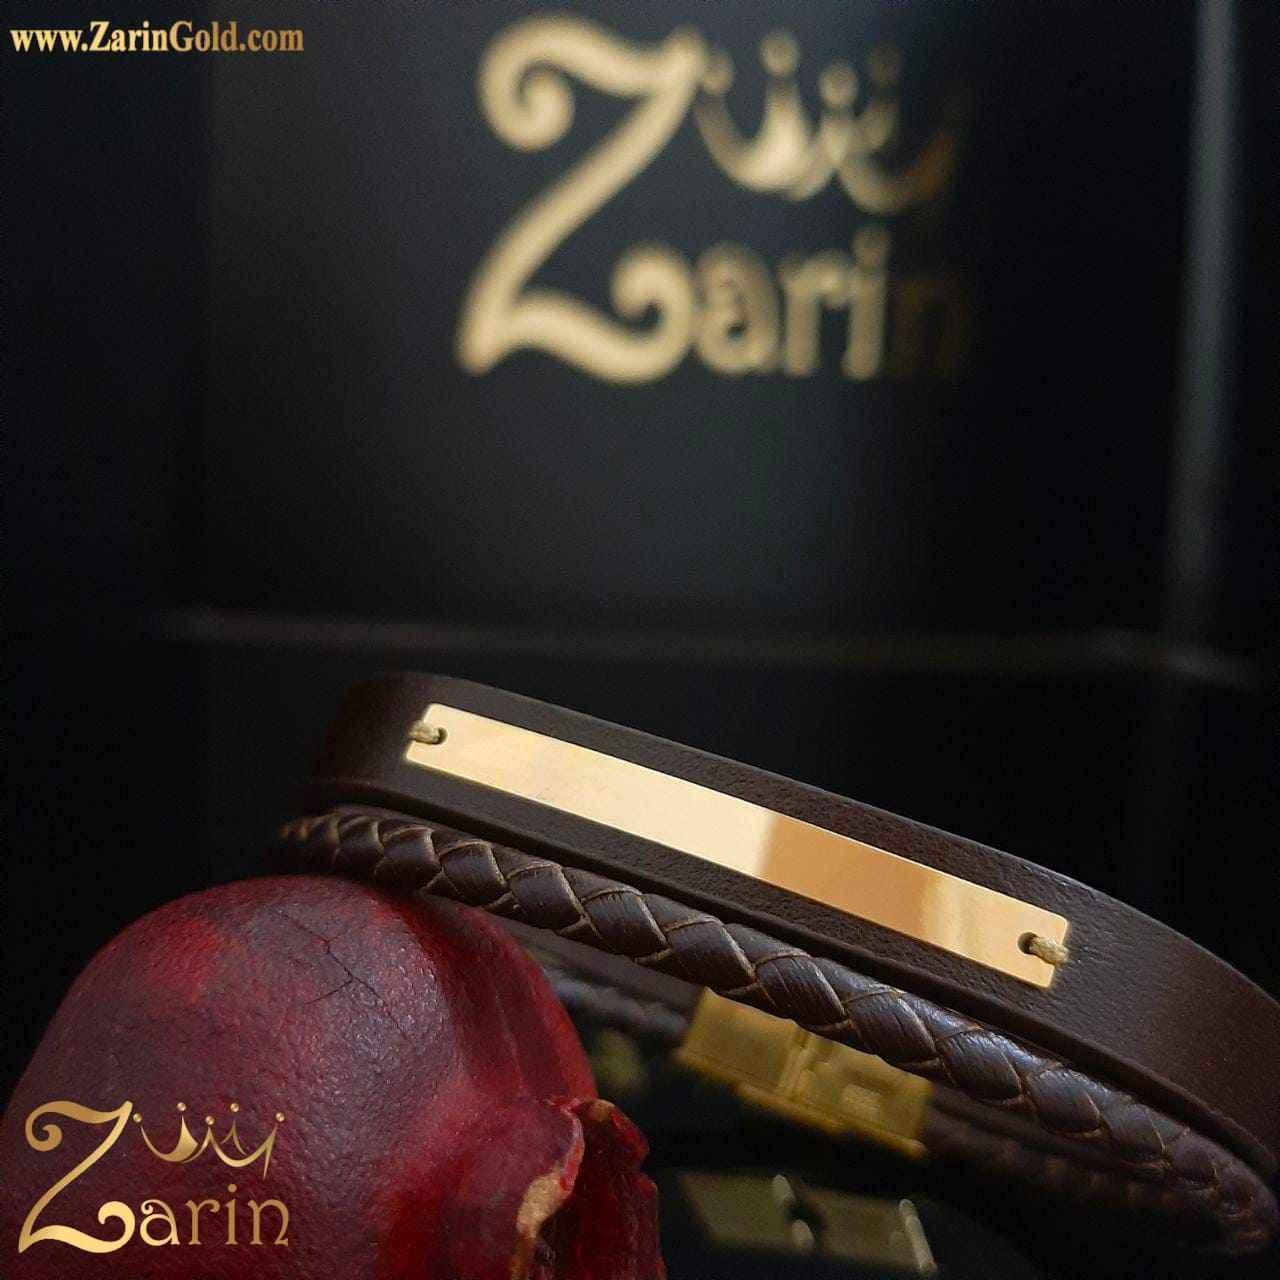 دستبند طرح آینه با چرم قهوهای